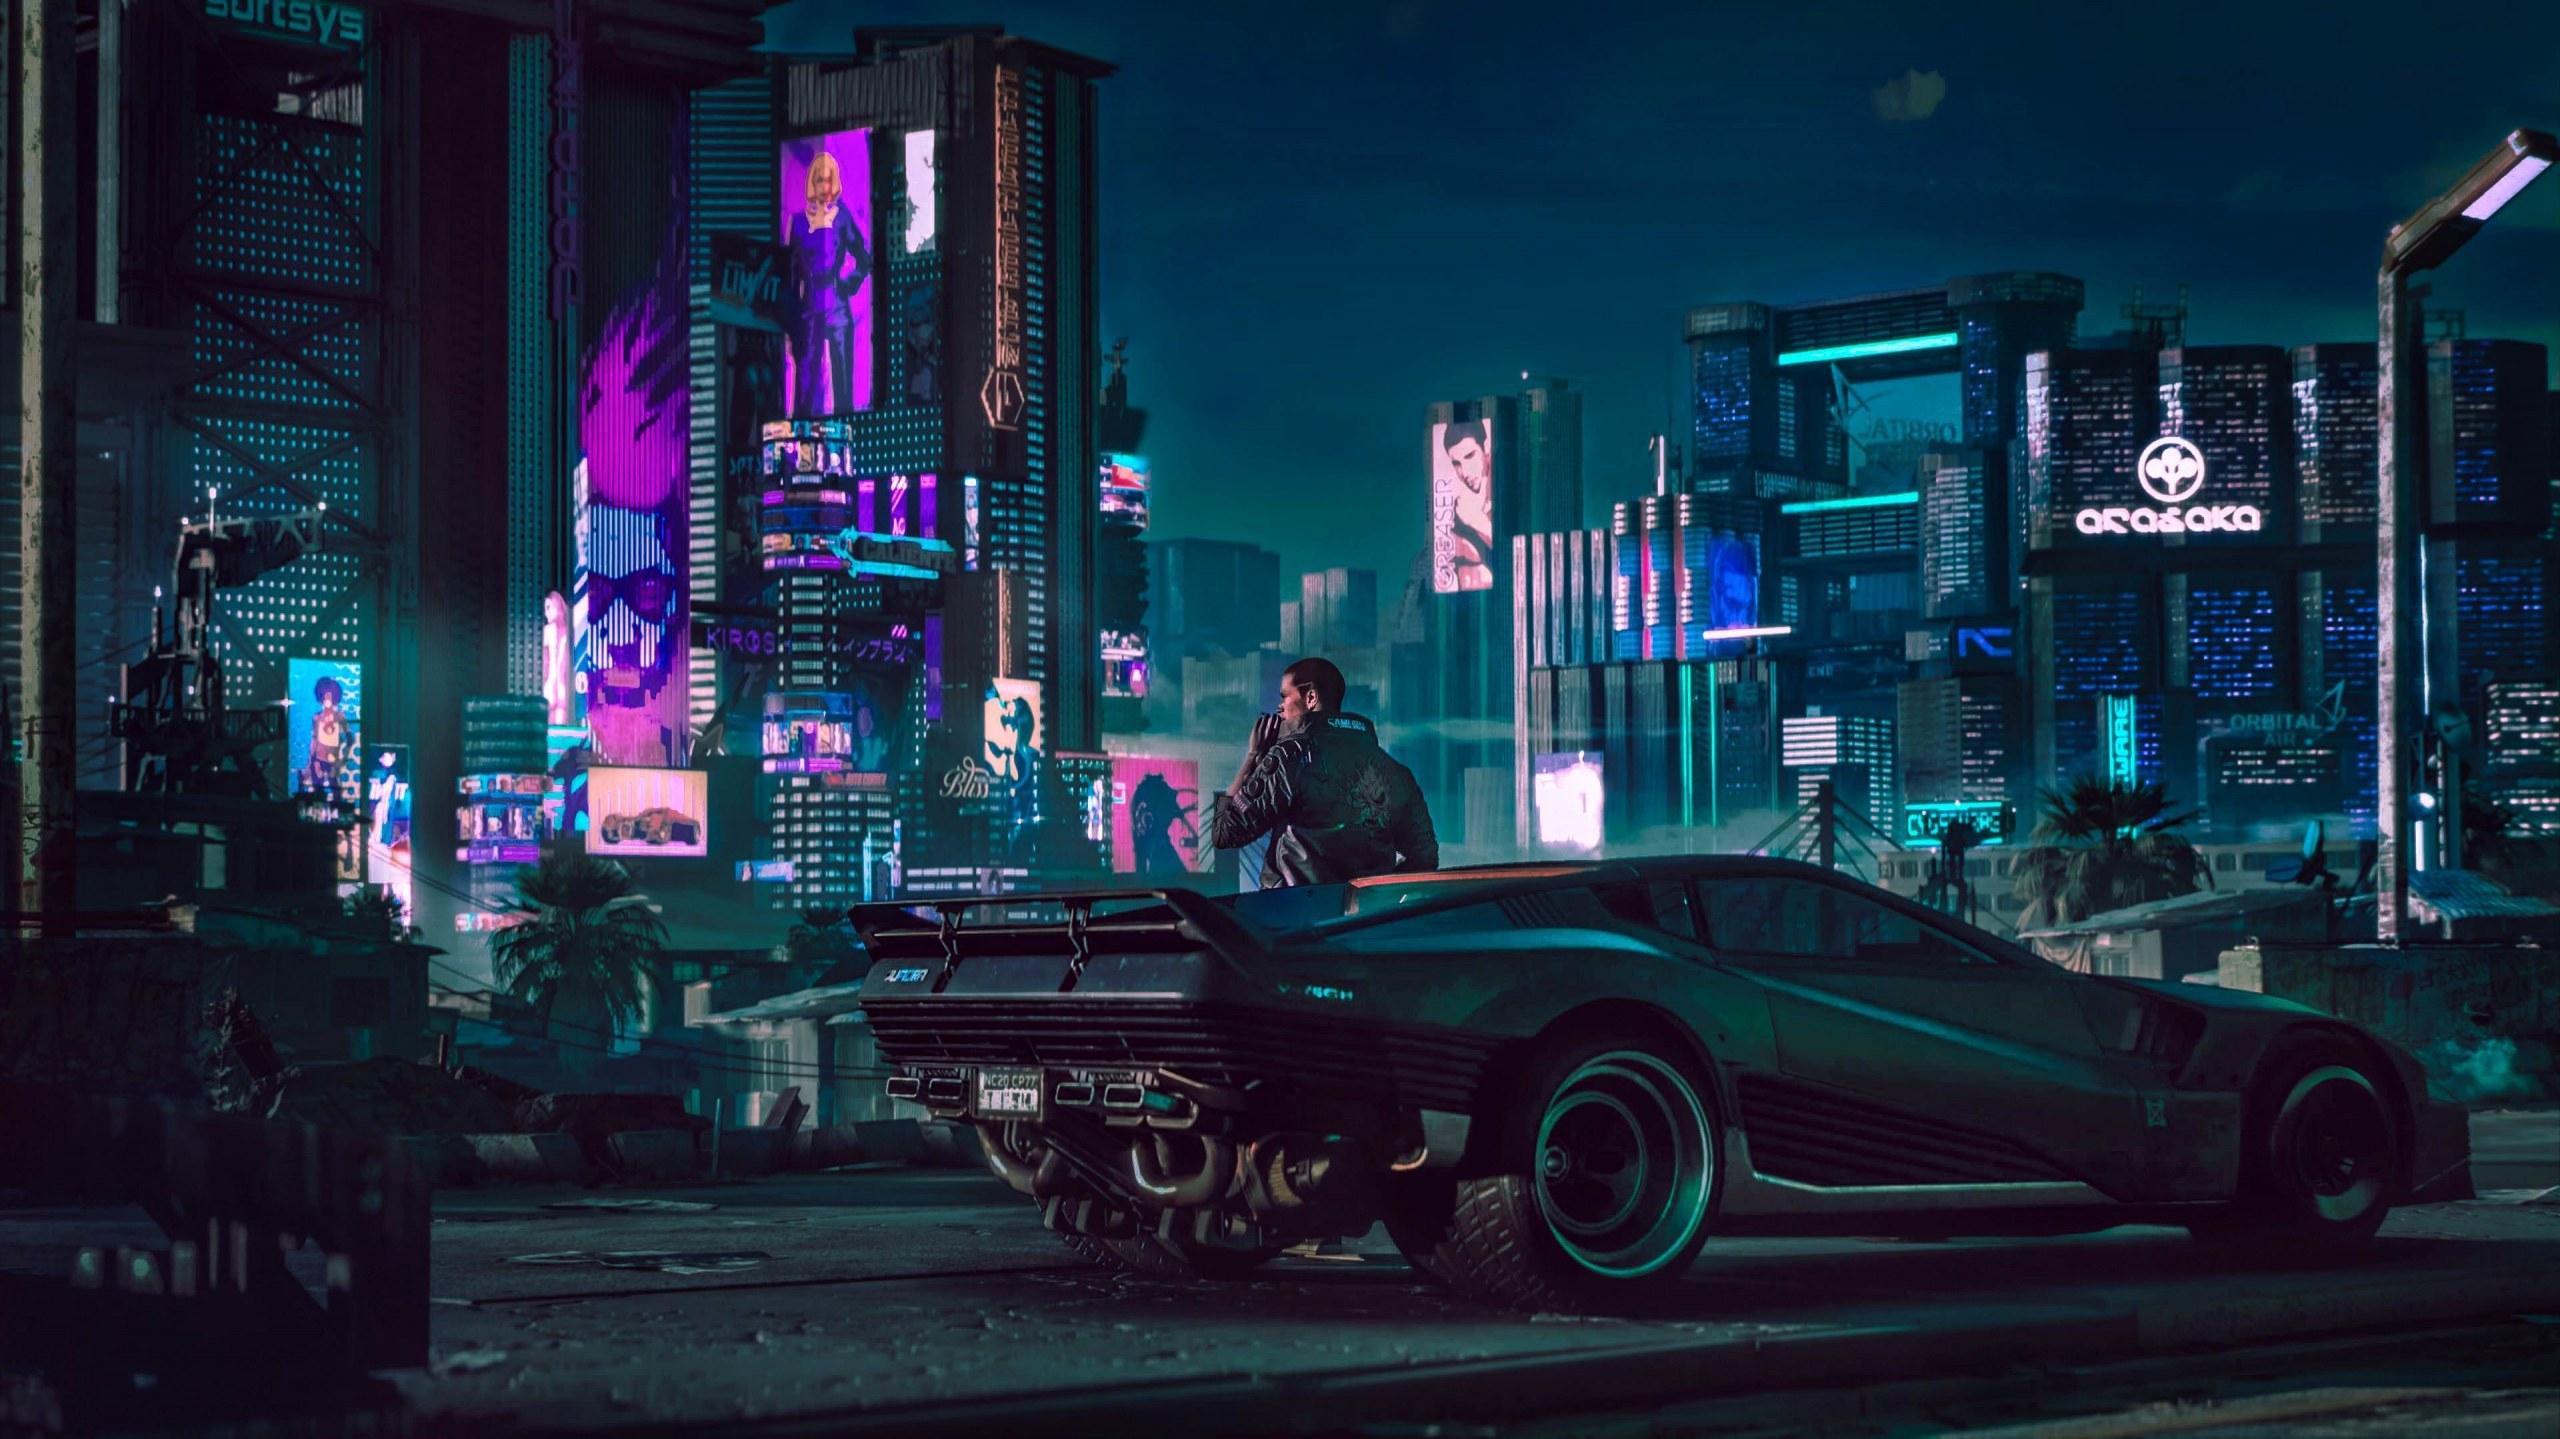 Letošní ukázka ze Cyberpunku 2077 bude jiná, tvrdí Tomaszkiewicz